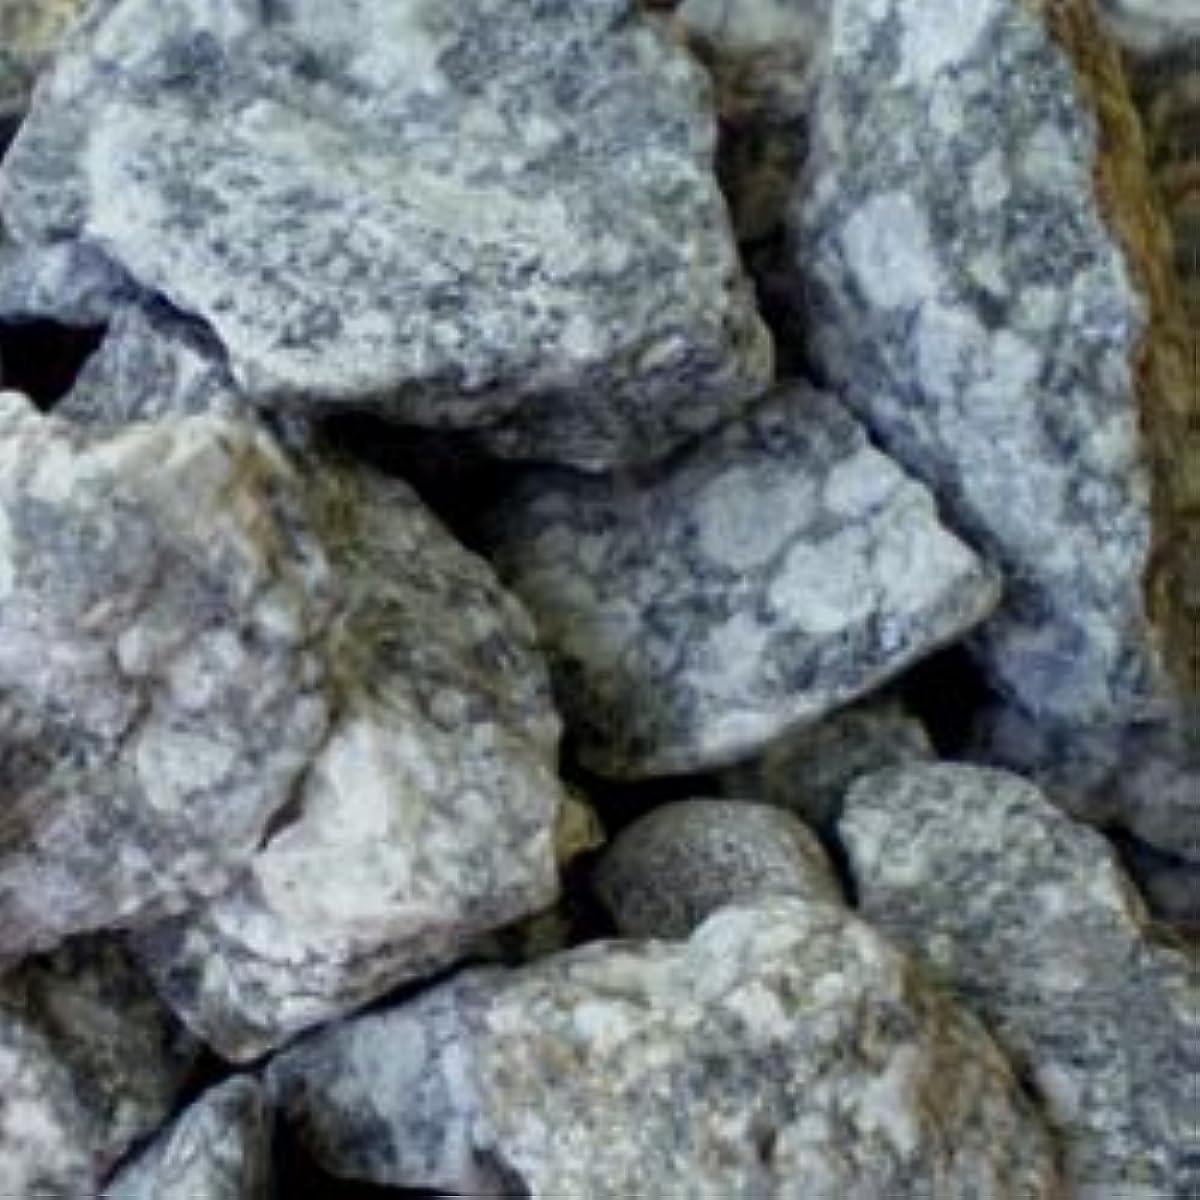 いつもウェブカード麦飯石 原石 2000g(サイズ10-30mm) (1000g/2袋セット)